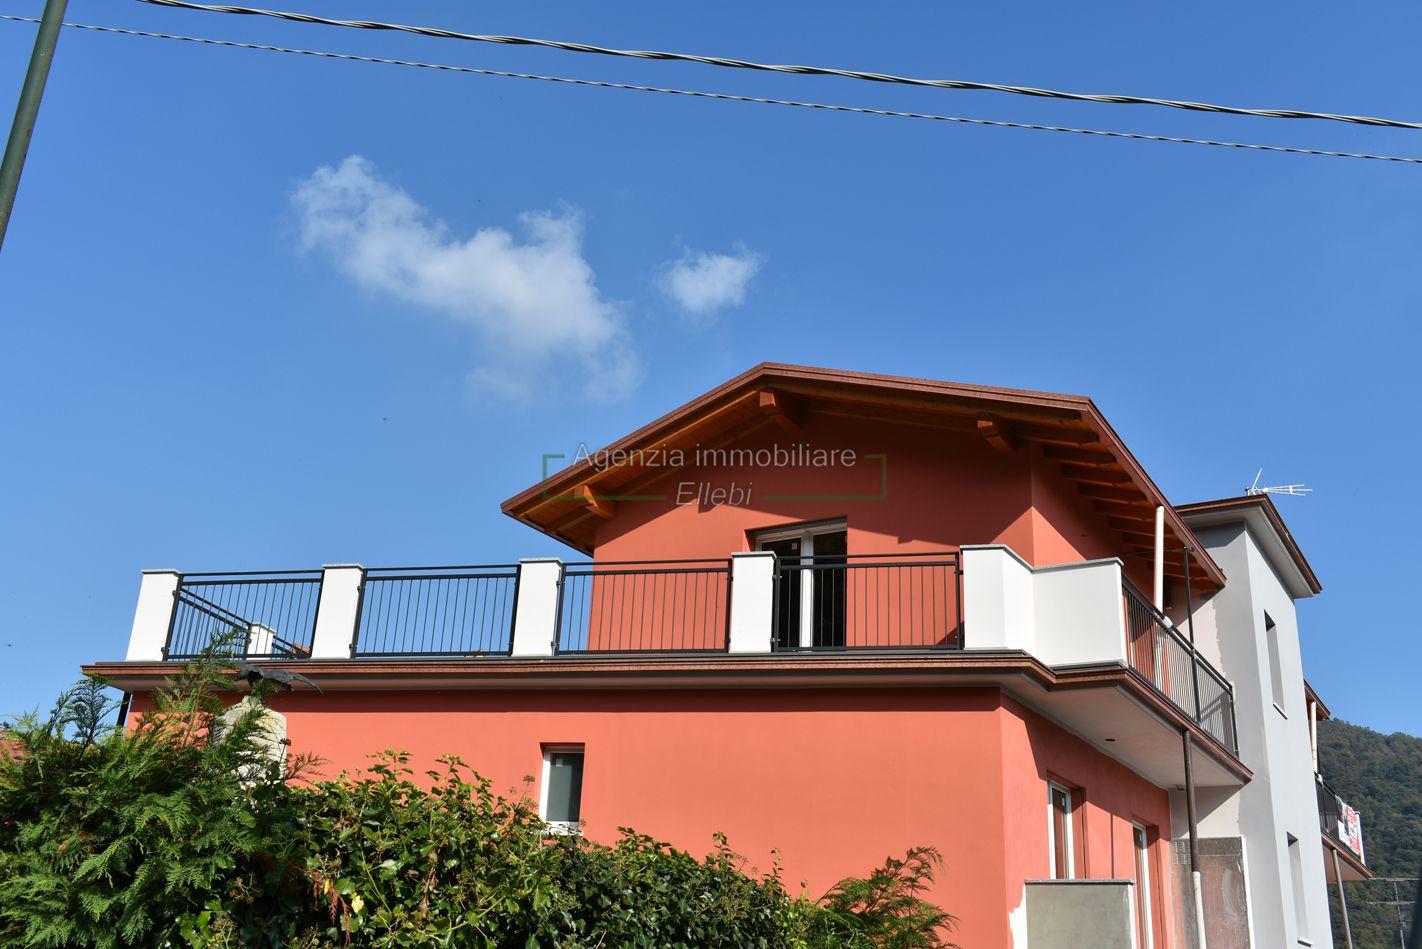 esterno Attico di nuova costruzione in vendita Graglia Alto vergante agenzia immobiliare ellebi